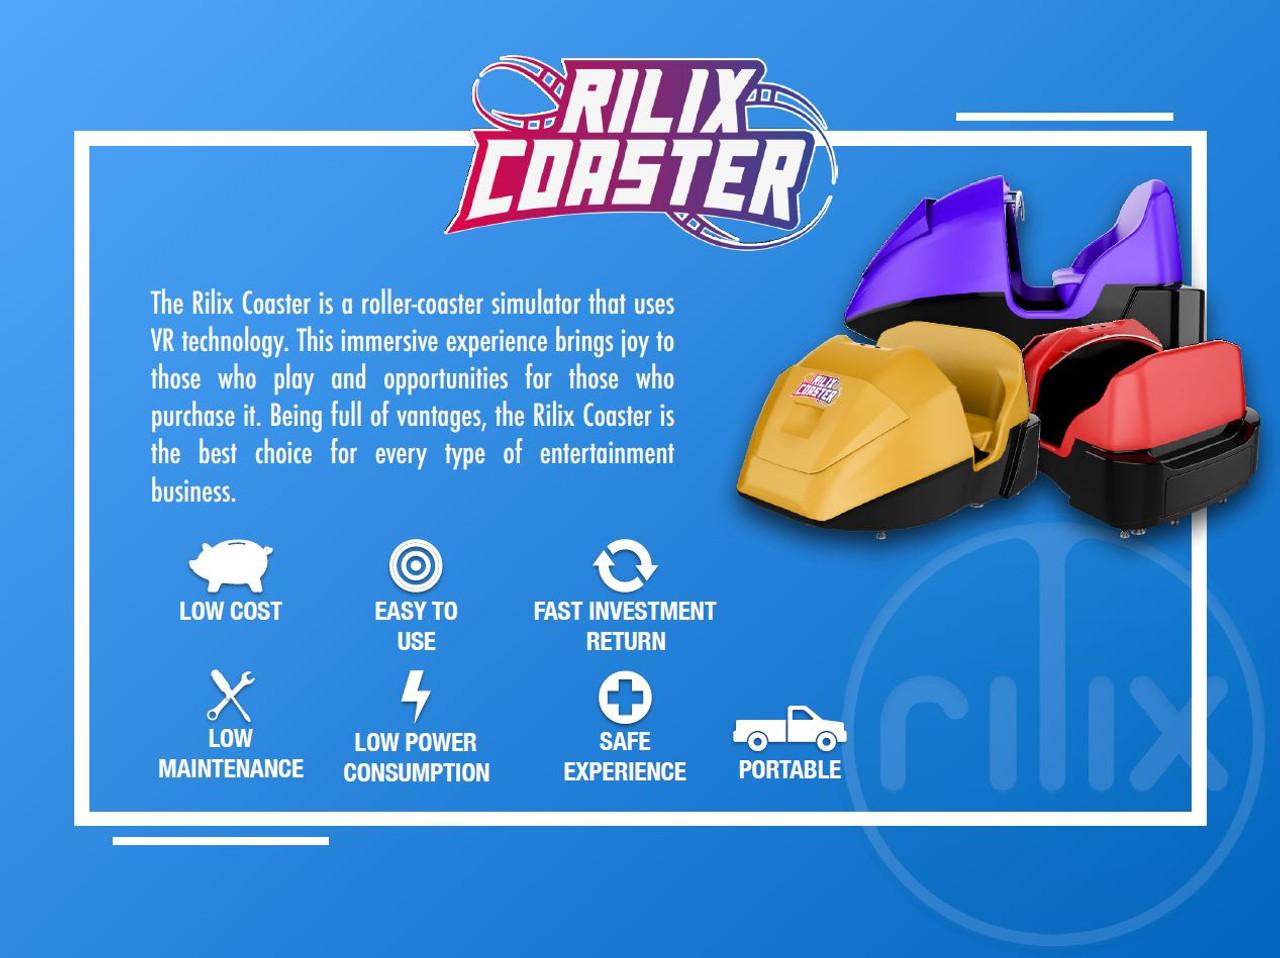 Rilix VR Roller Coaster